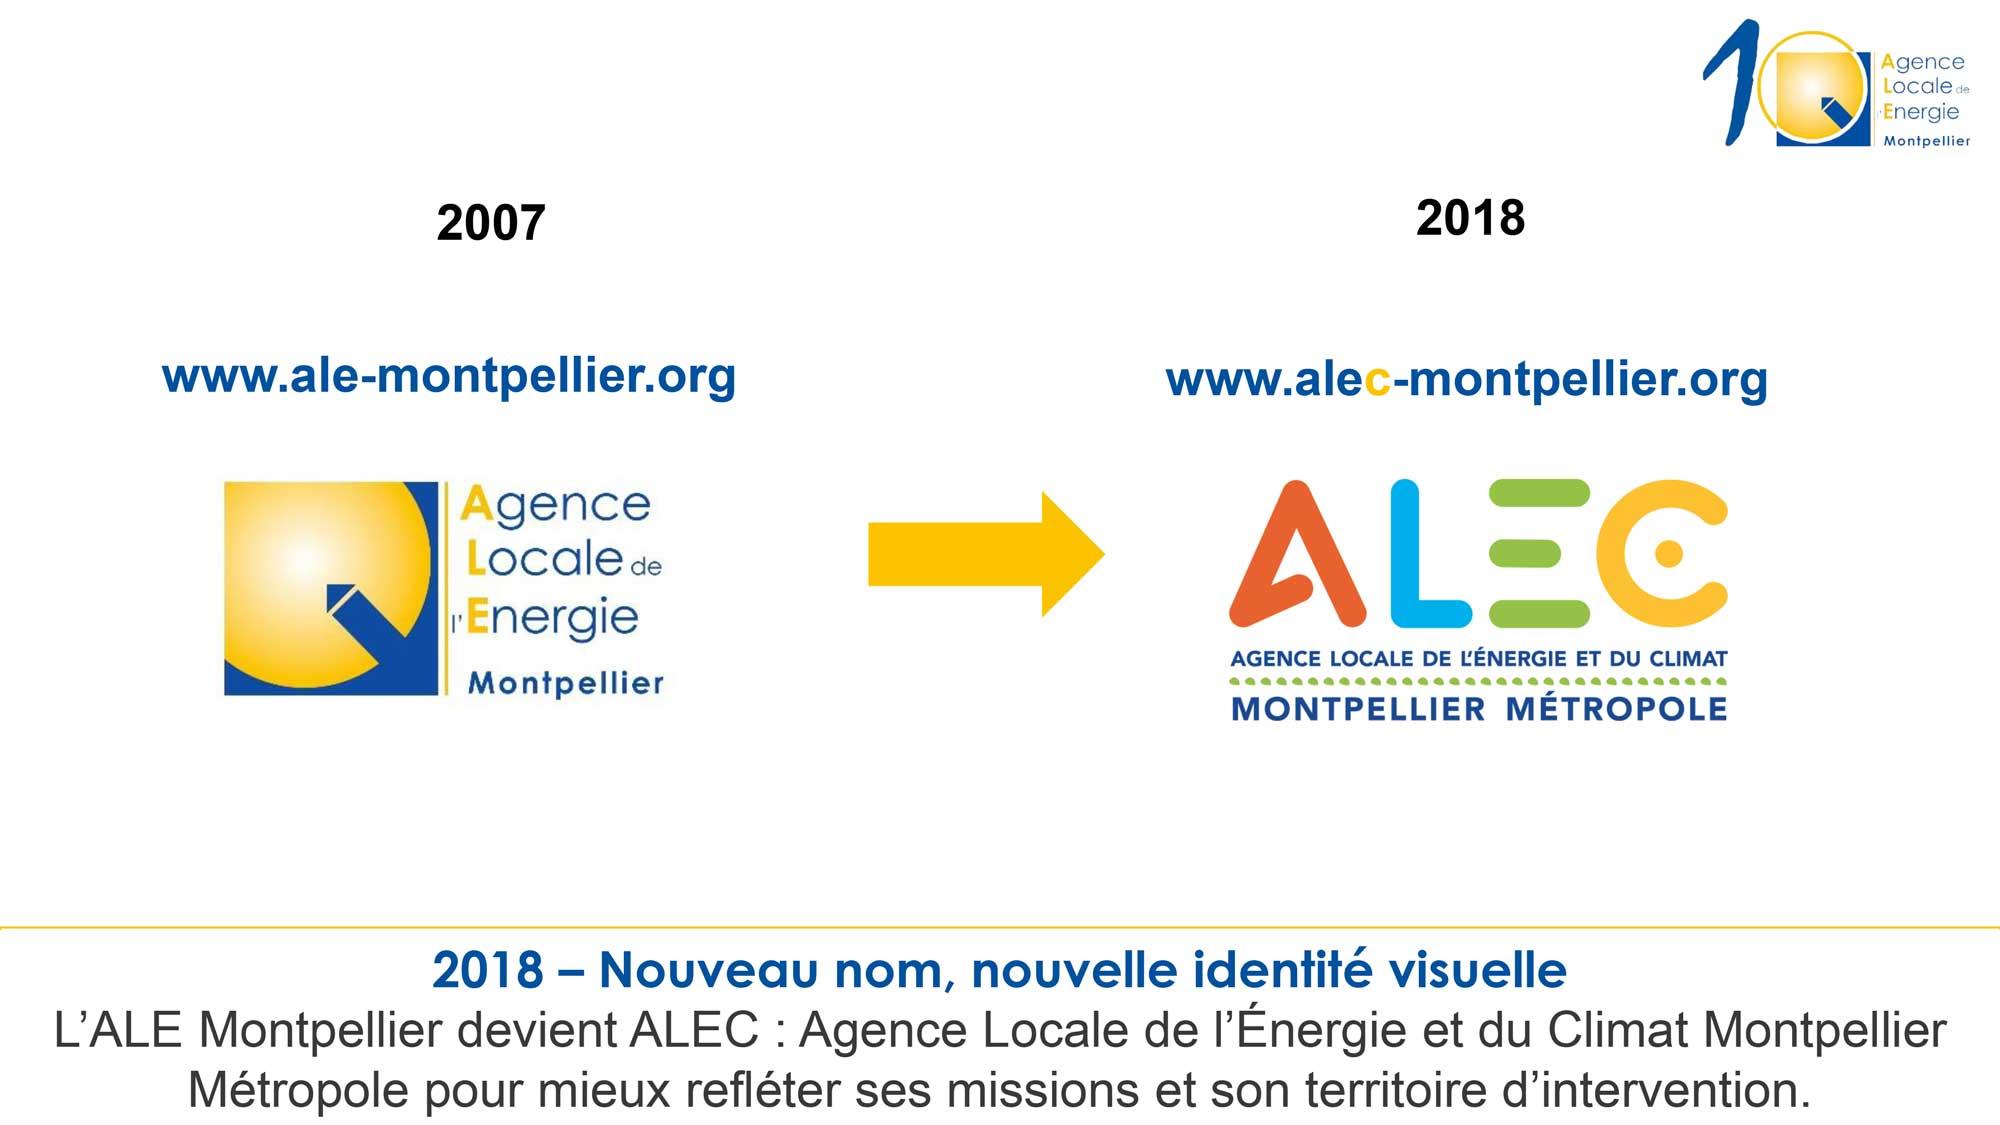 ALEC 2018 : changement de nom et de logo